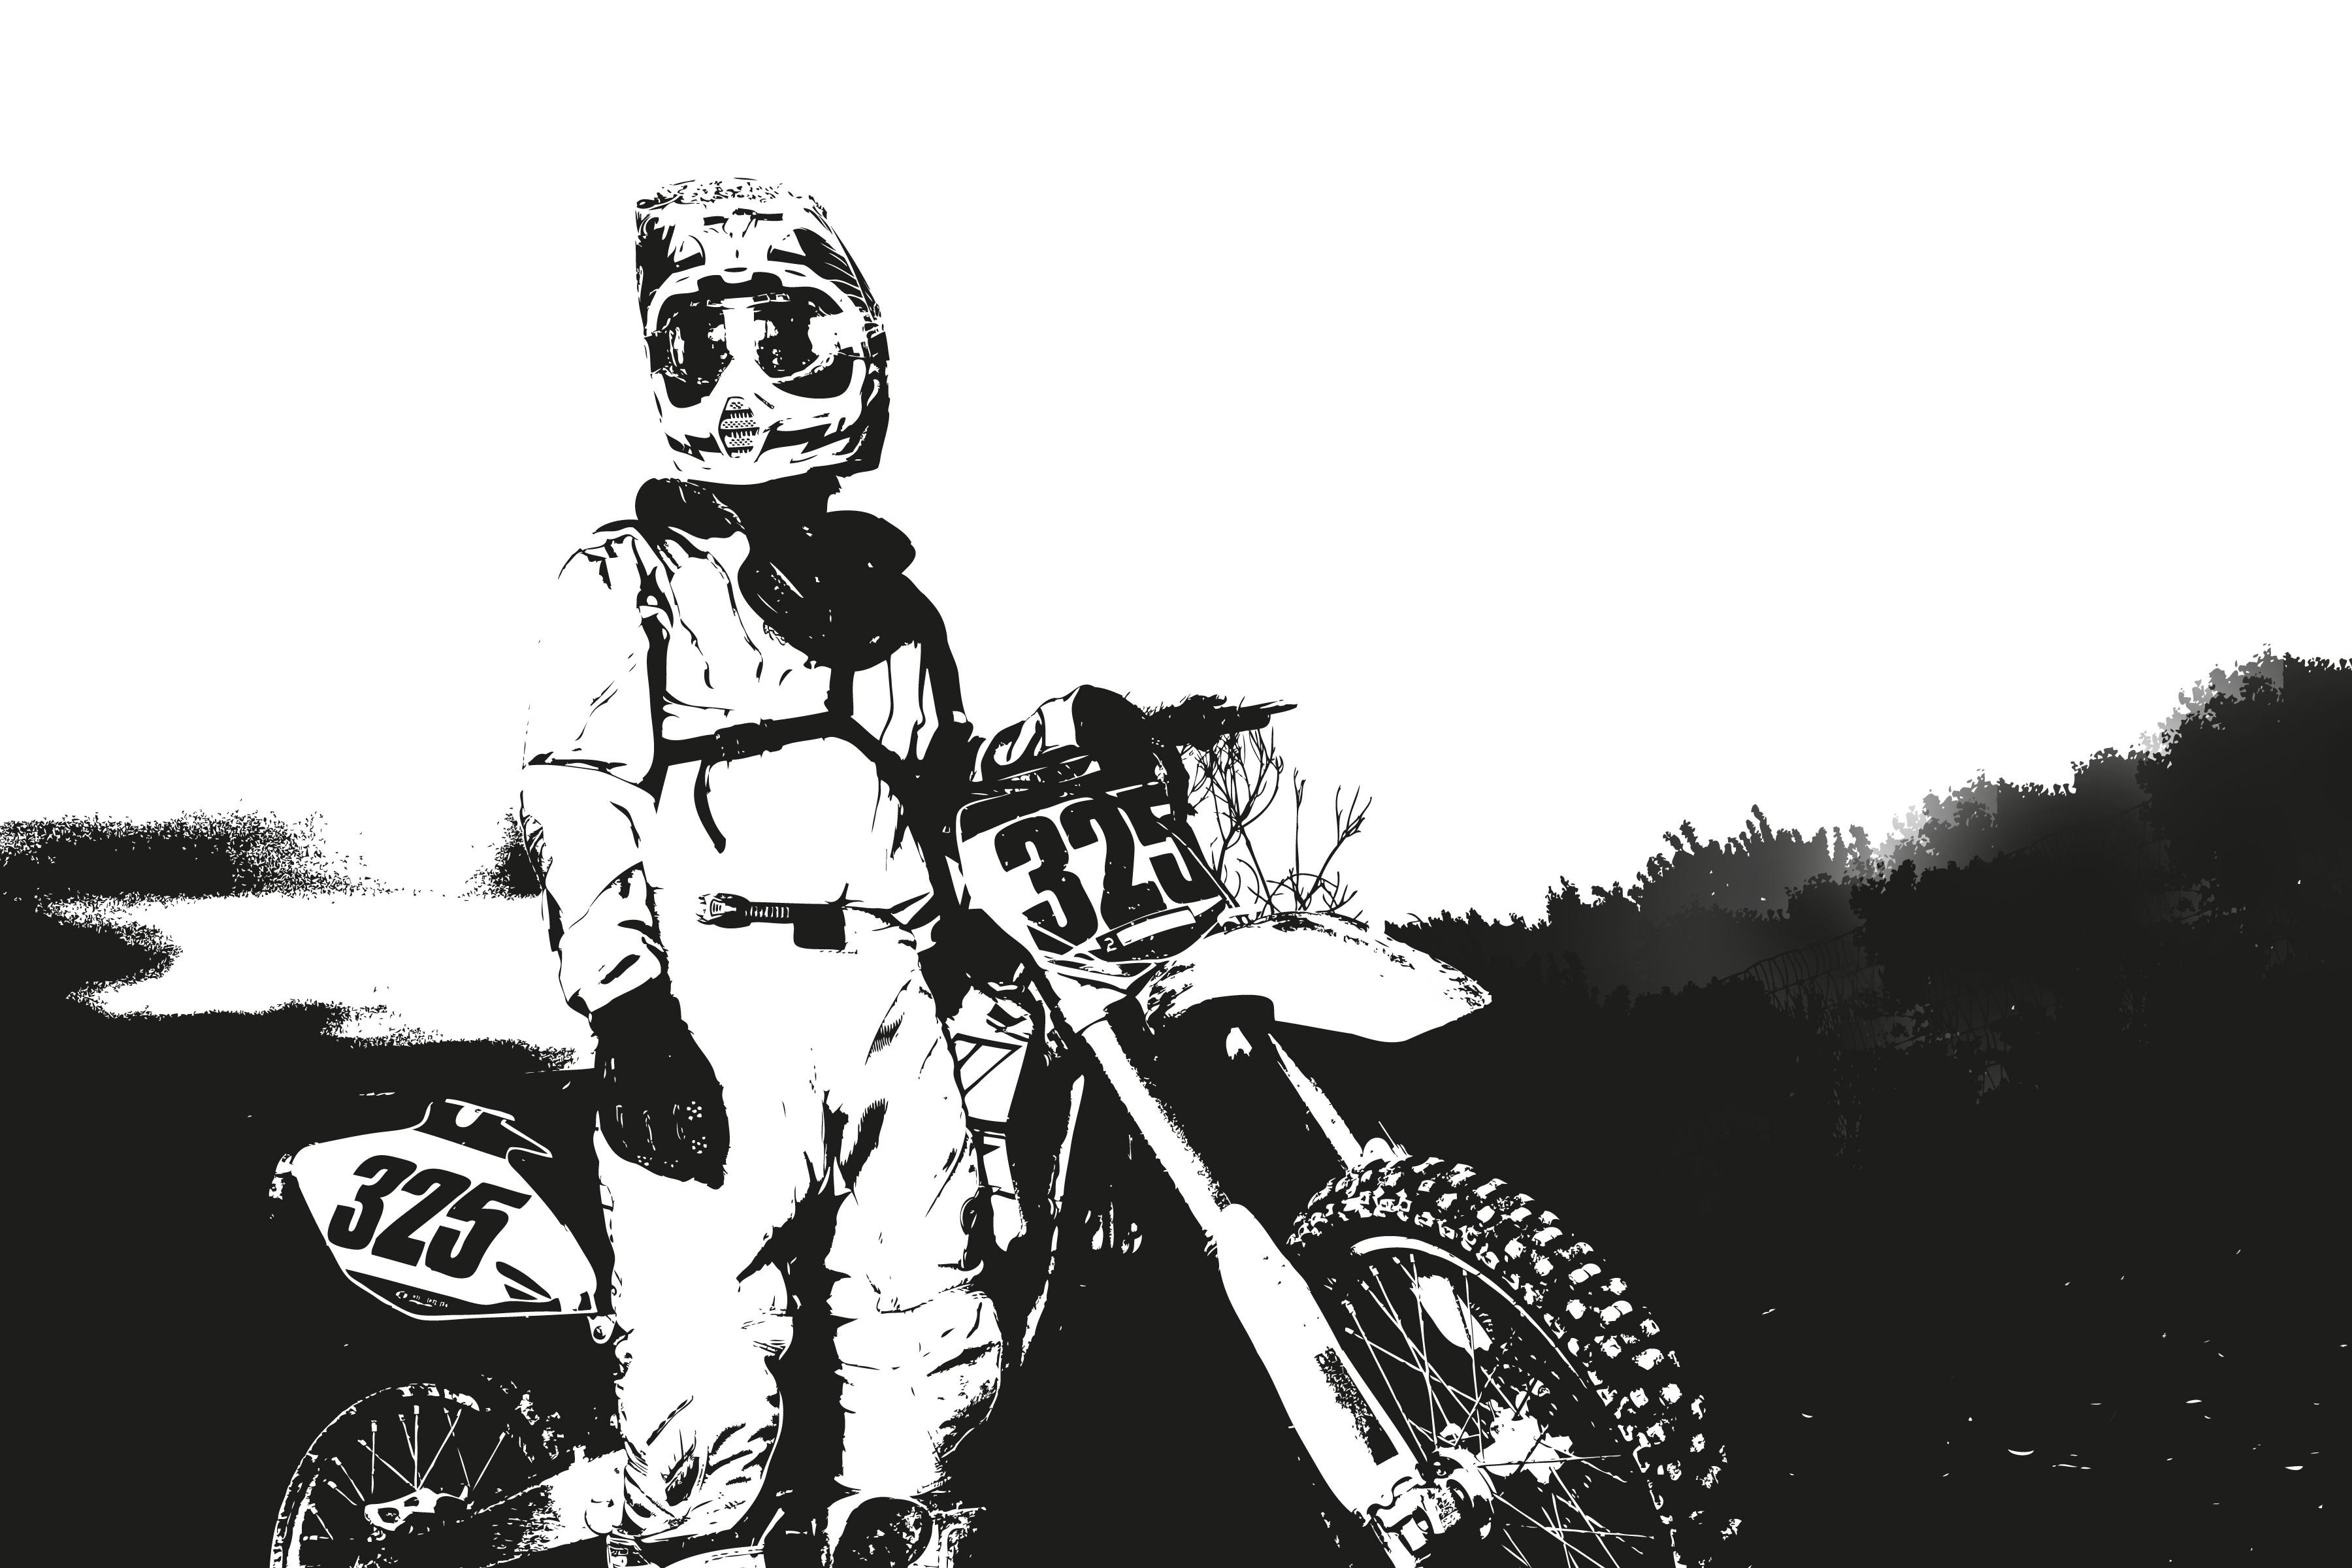 Gambar Manusia Orang Hitam Dan Putih Olahraga Sepeda